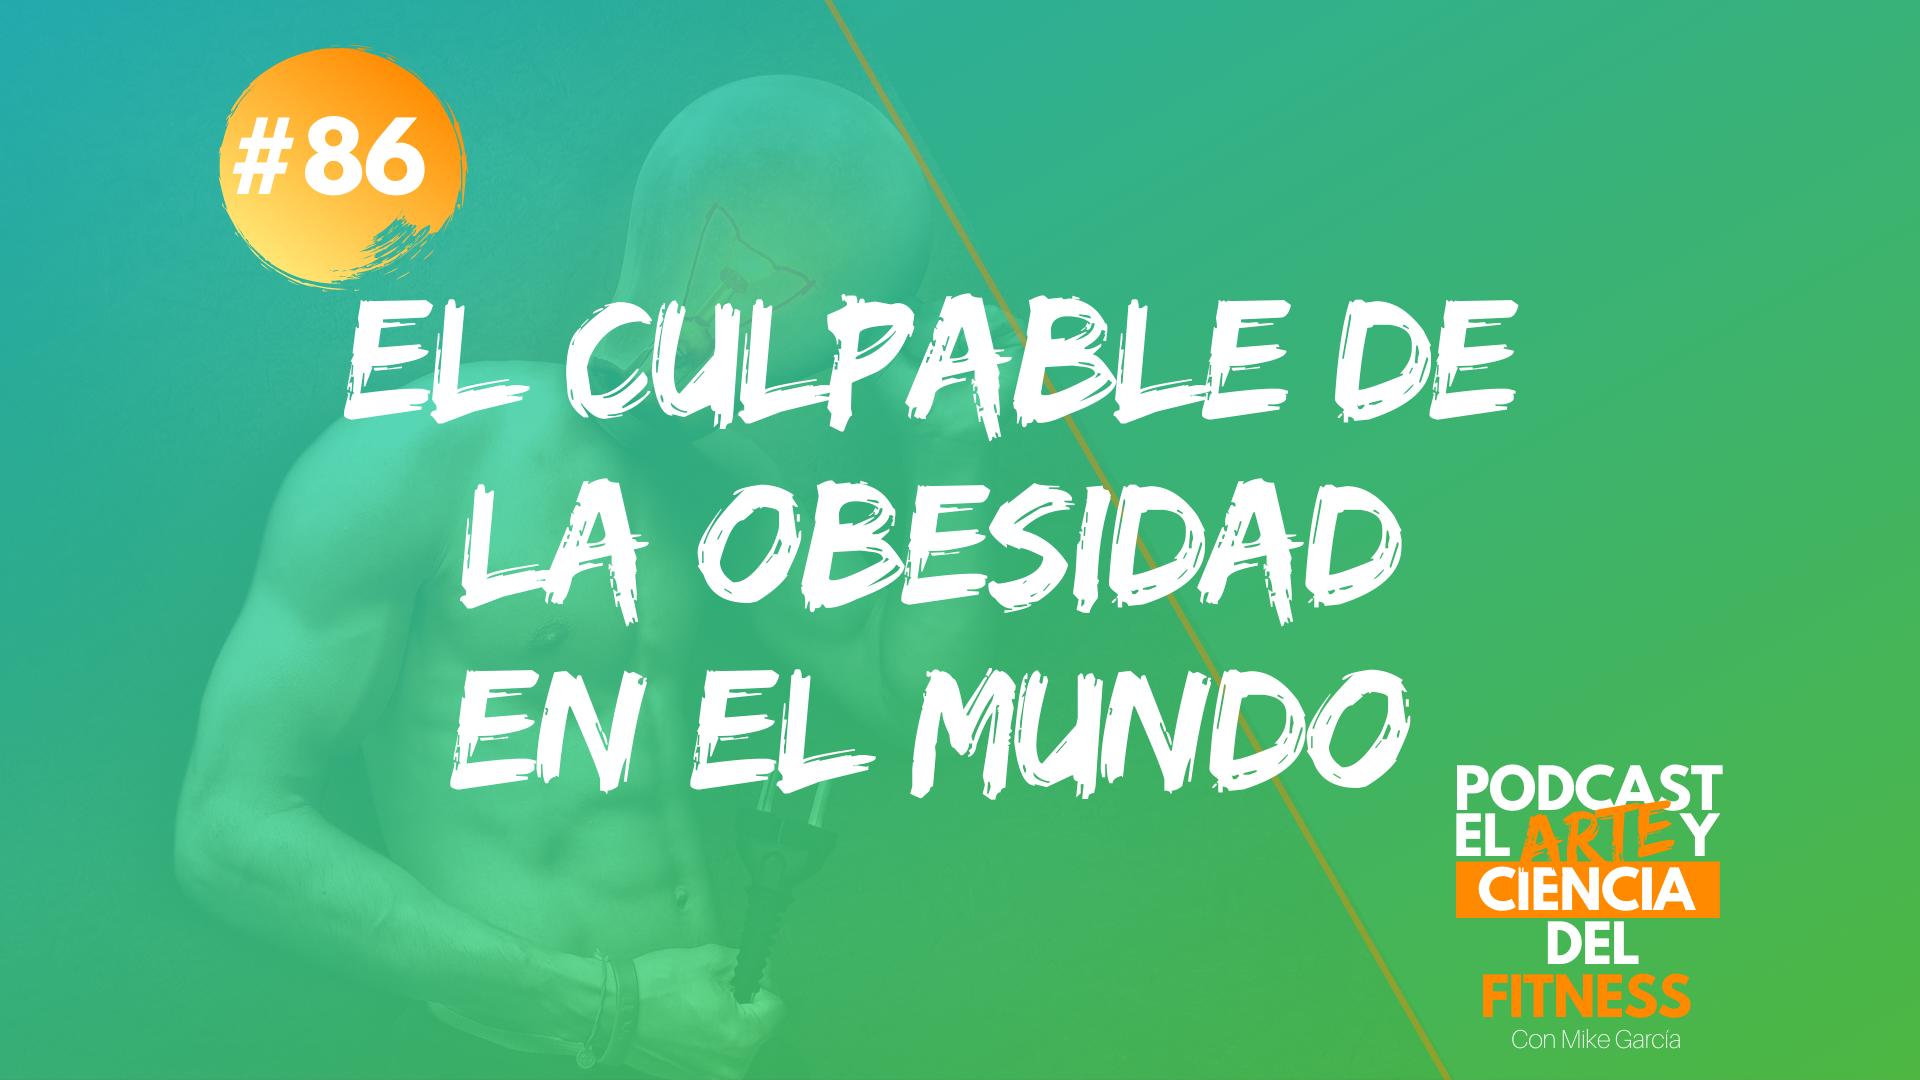 Podcast #86: El Culpable De La Obesidad En El Mundo